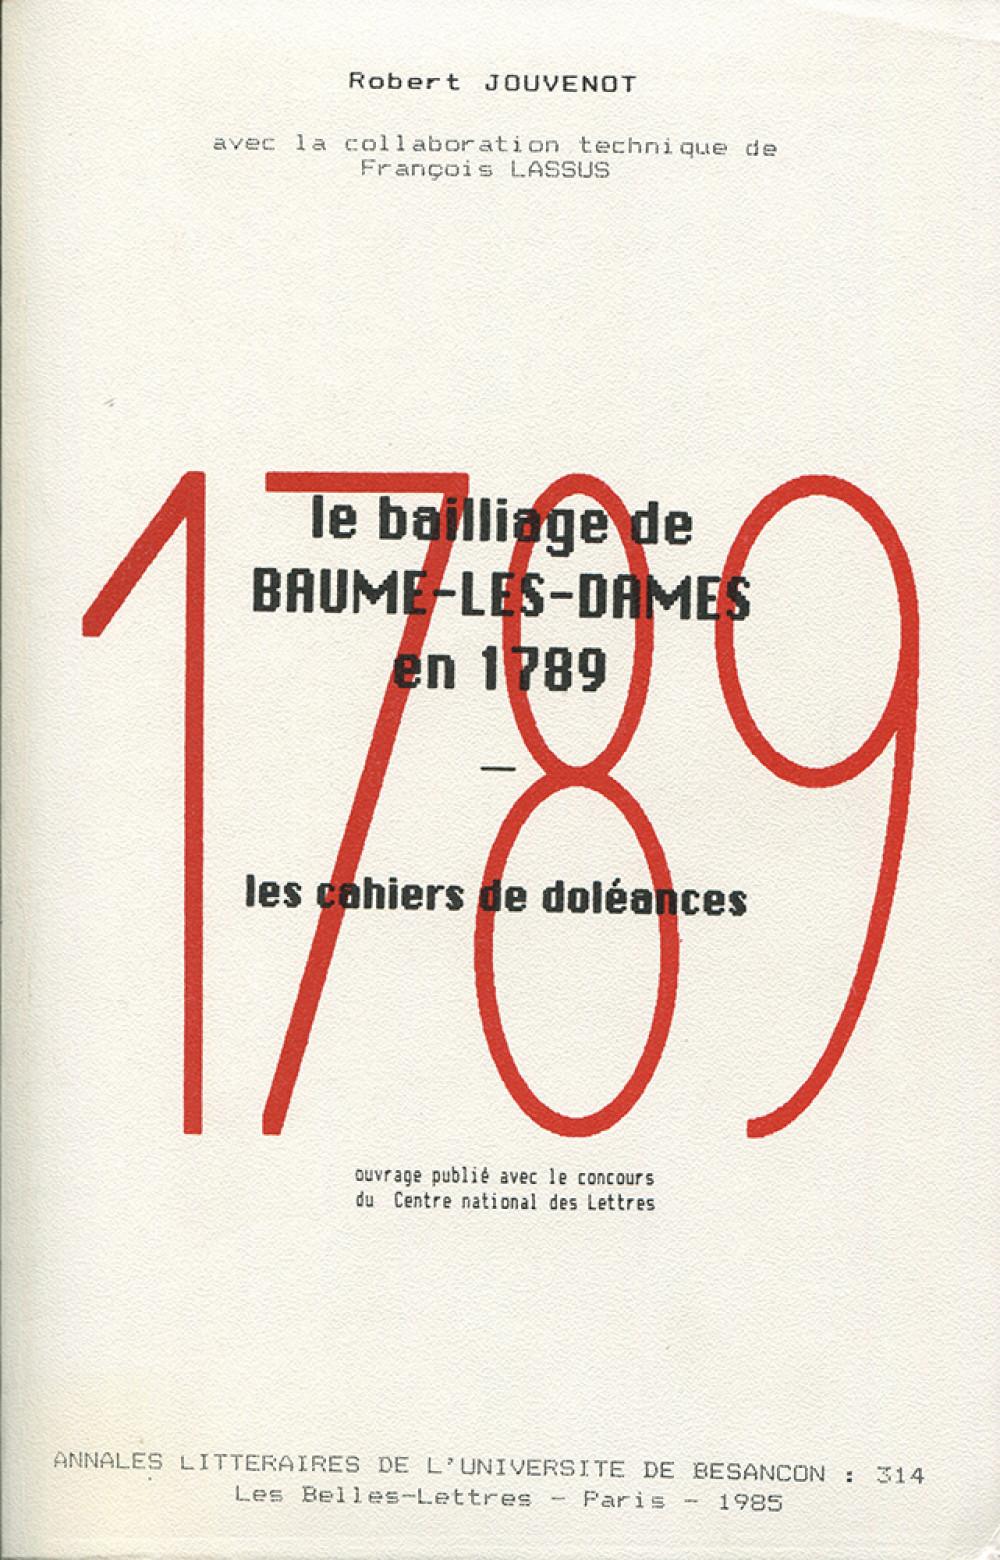 Le bailliage de Baume-les-Dames en 1789